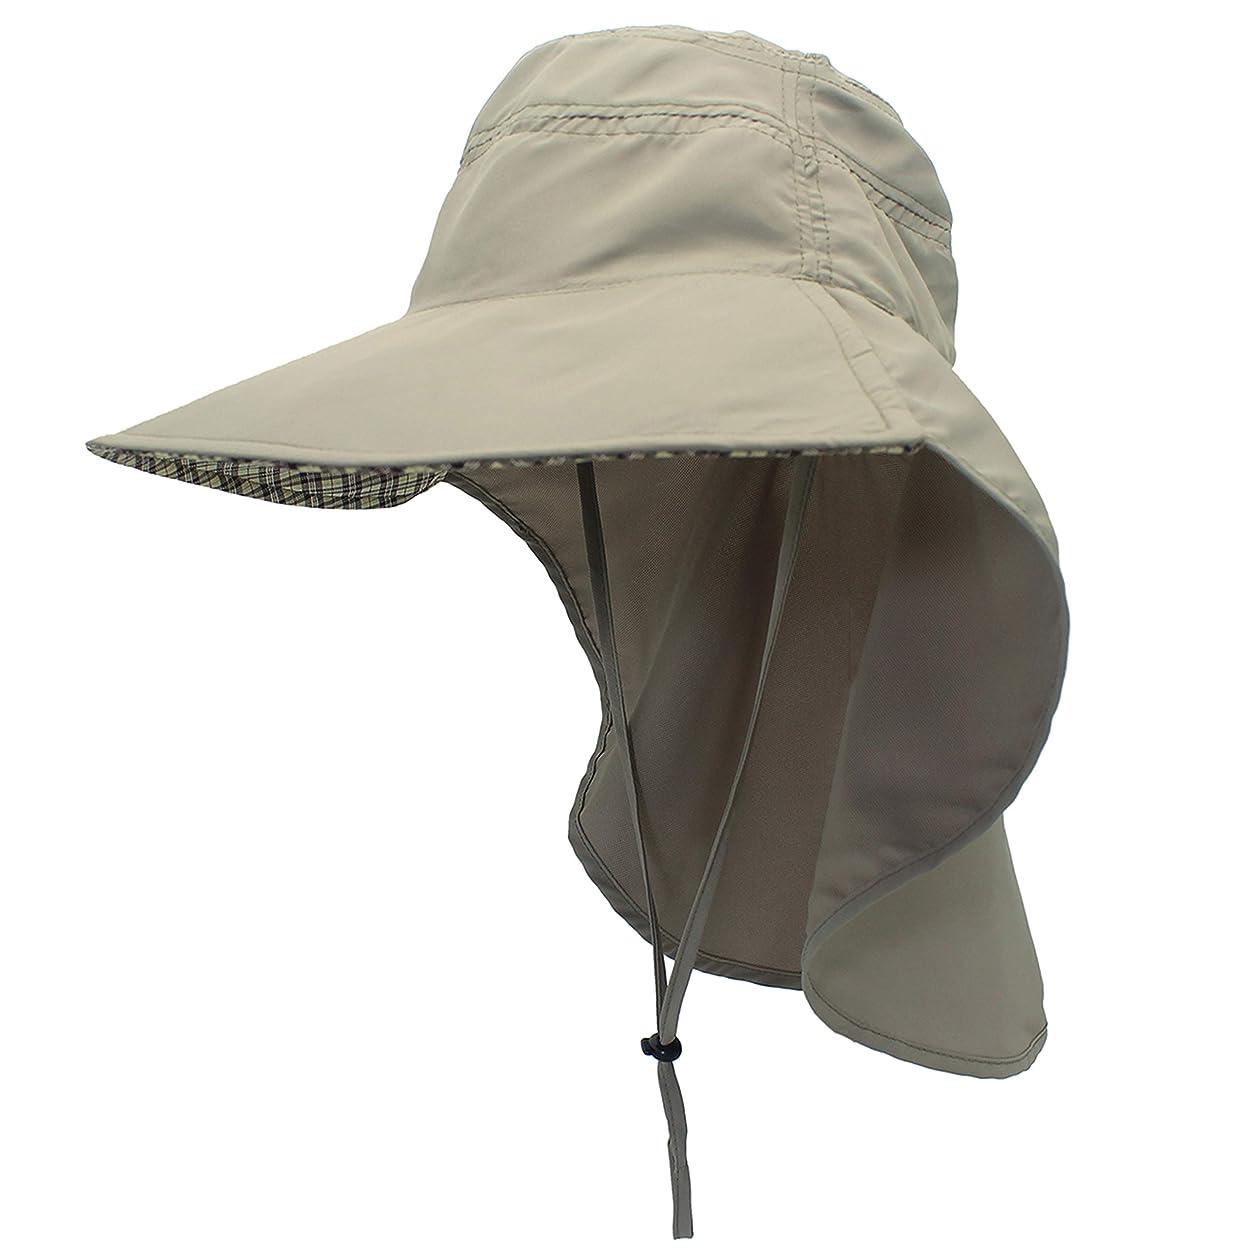 を通して官僚移動する日焼け防止帽子 UVカット 紫外線対策用ハット ガーデニング 帽子 ネックカバー つば広 顔 首筋カバー 日よけカバー サイズ調整可 ガーデニング 農作業 ハイキング アウトドア 男女兼用